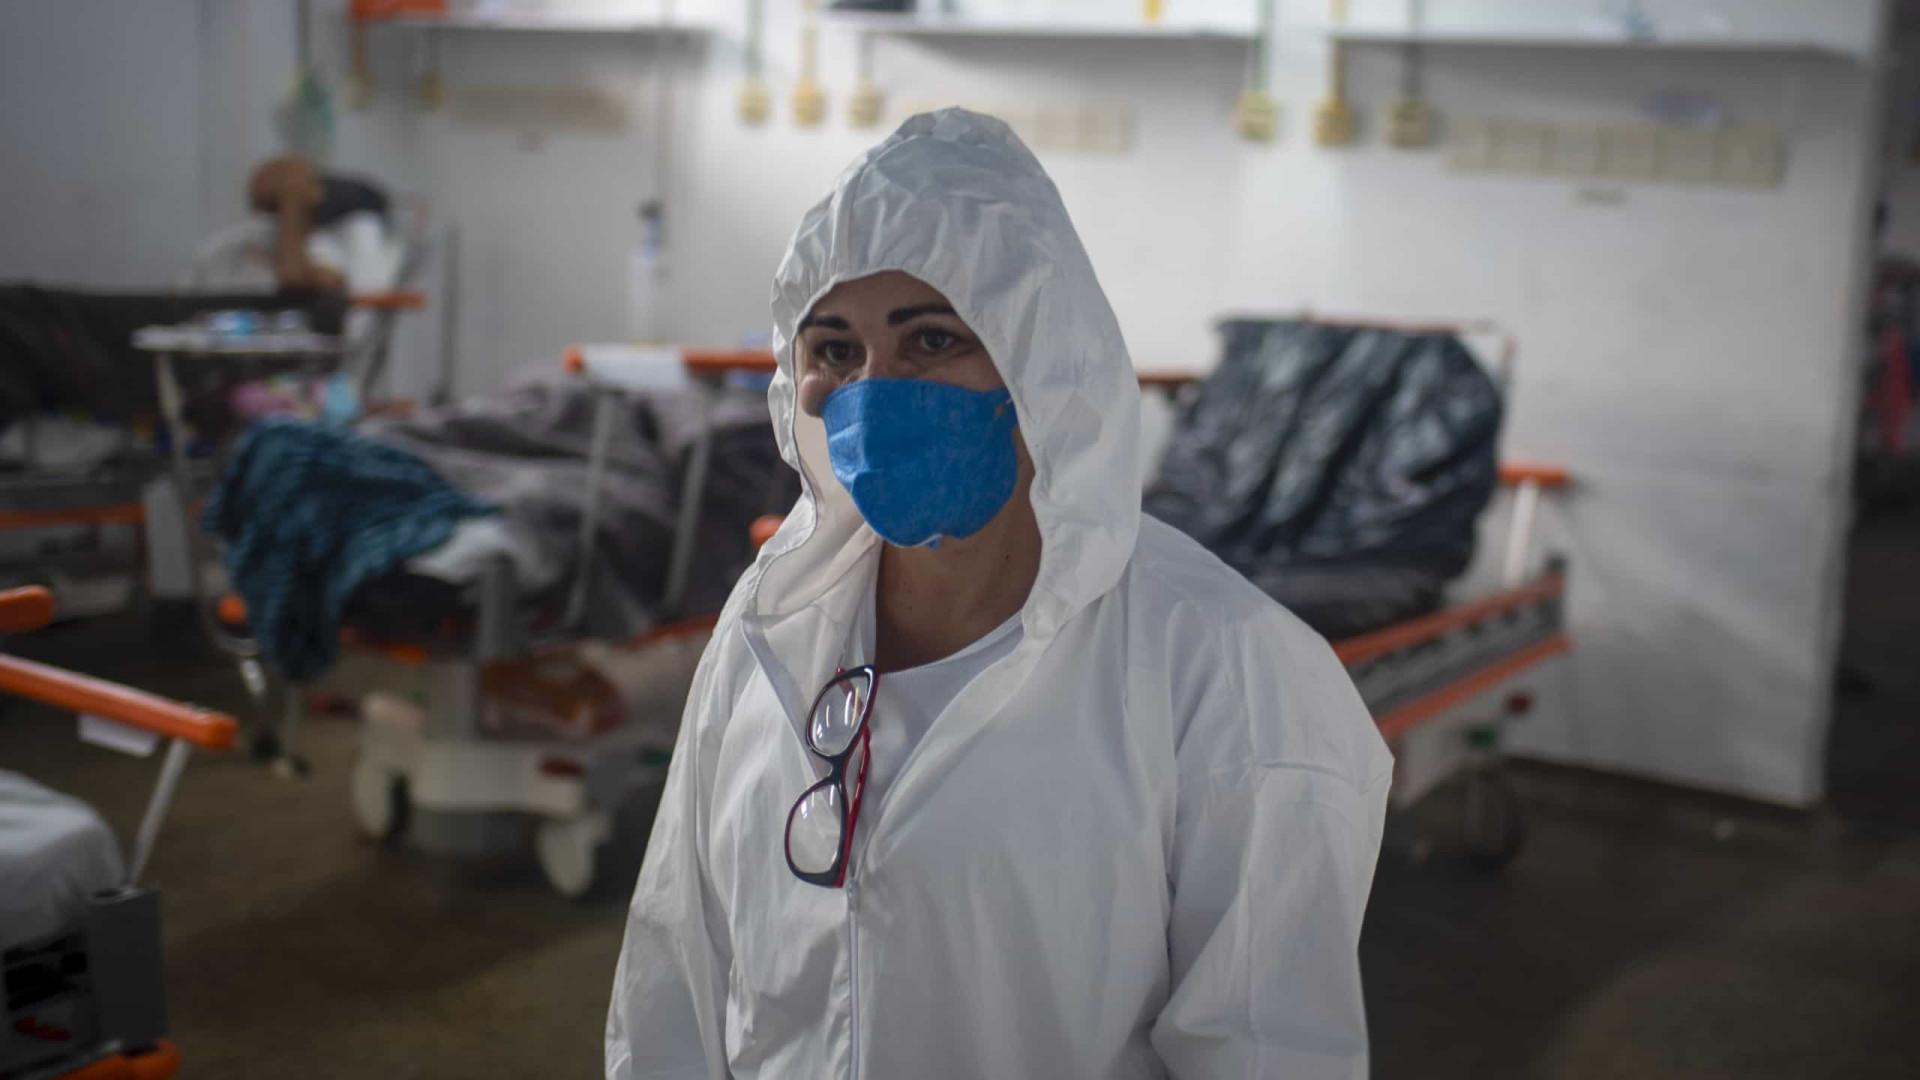 Brasil registra 874 mortes e 43.520 novos casos de covid-19 em 24h